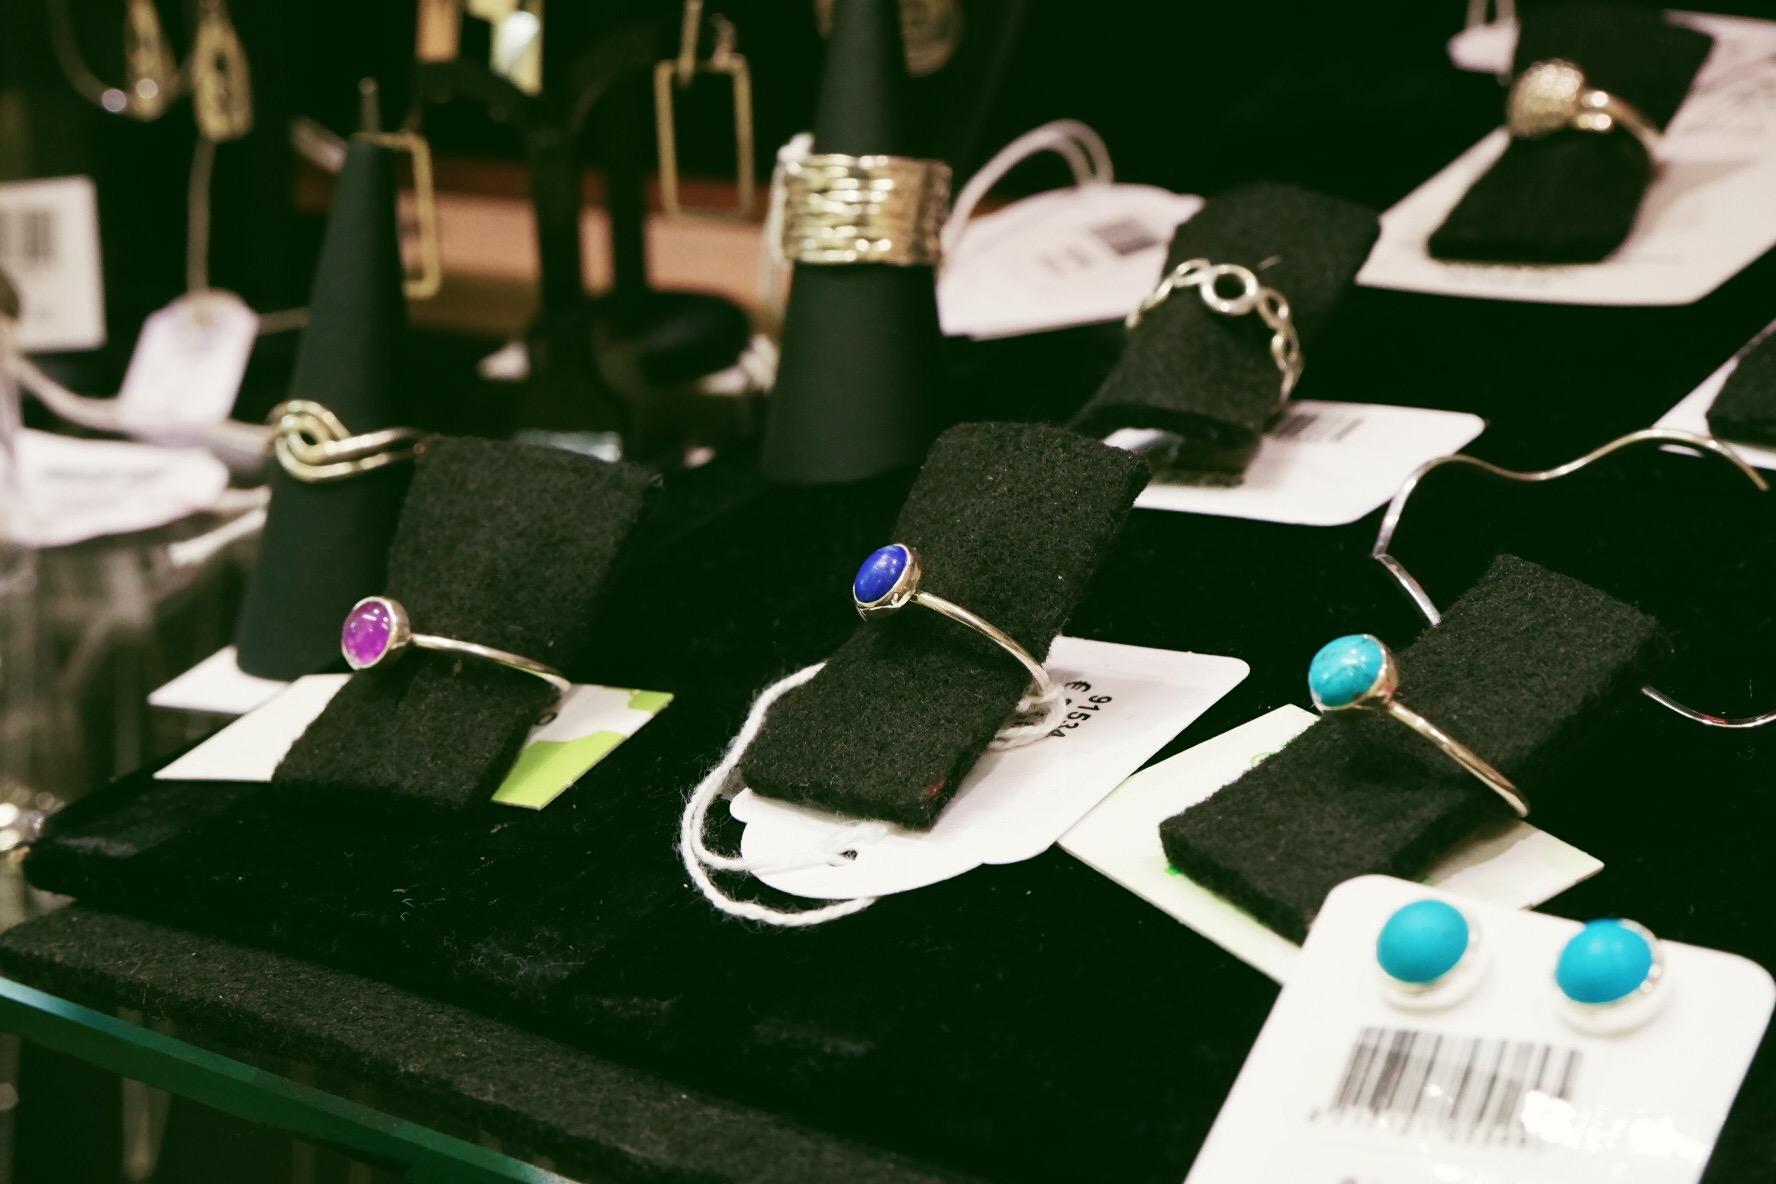 Op eerlijke cadeauzoektocht bij Oxfam Wereldwinkel in Hasselt juwelen